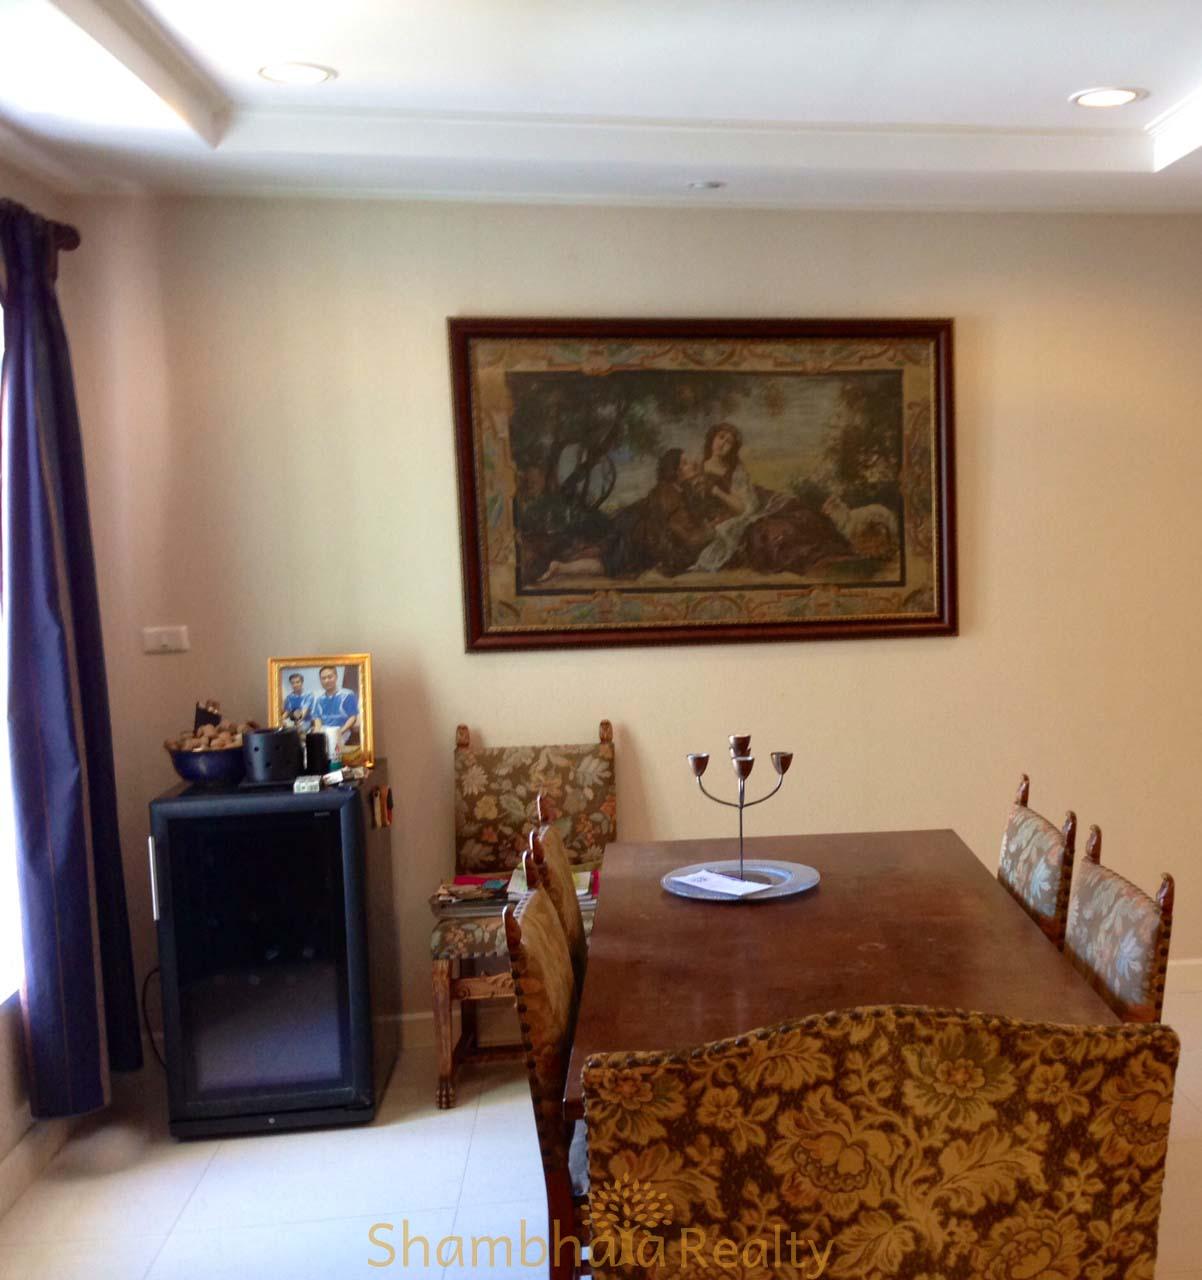 Shambhala Realty Agency's For Sale: La Vie En Rose, 3 Bed/4 Bath, Good location condo in Thonglor area 3